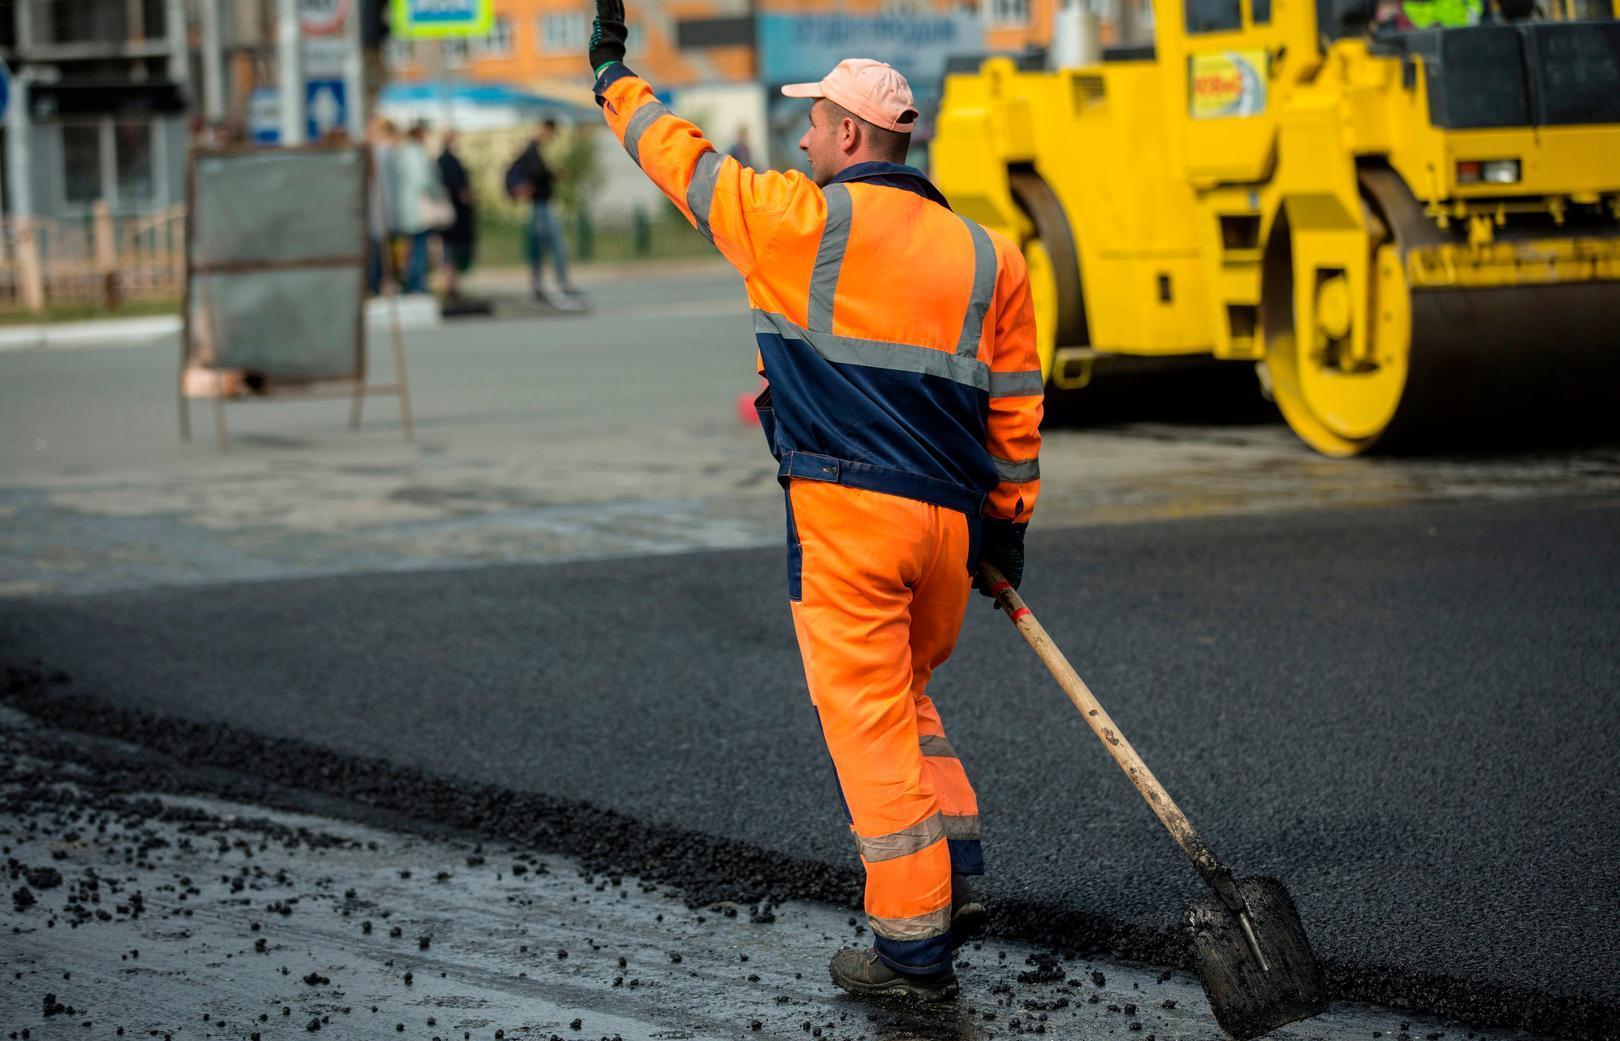 В Твери в этом году отремонтируют дороги на 80 улицах - новости Афанасий